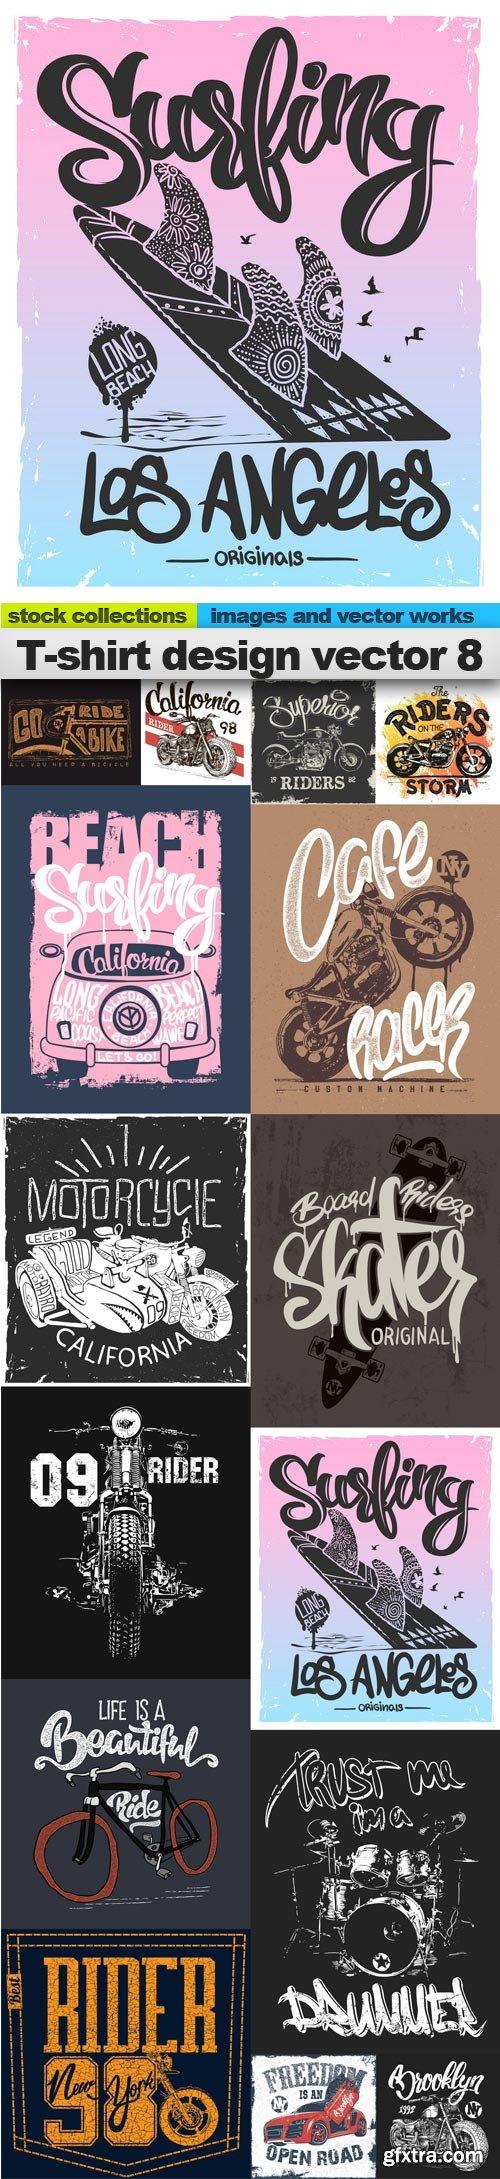 T-shirt design vector 8, 15 x EPS